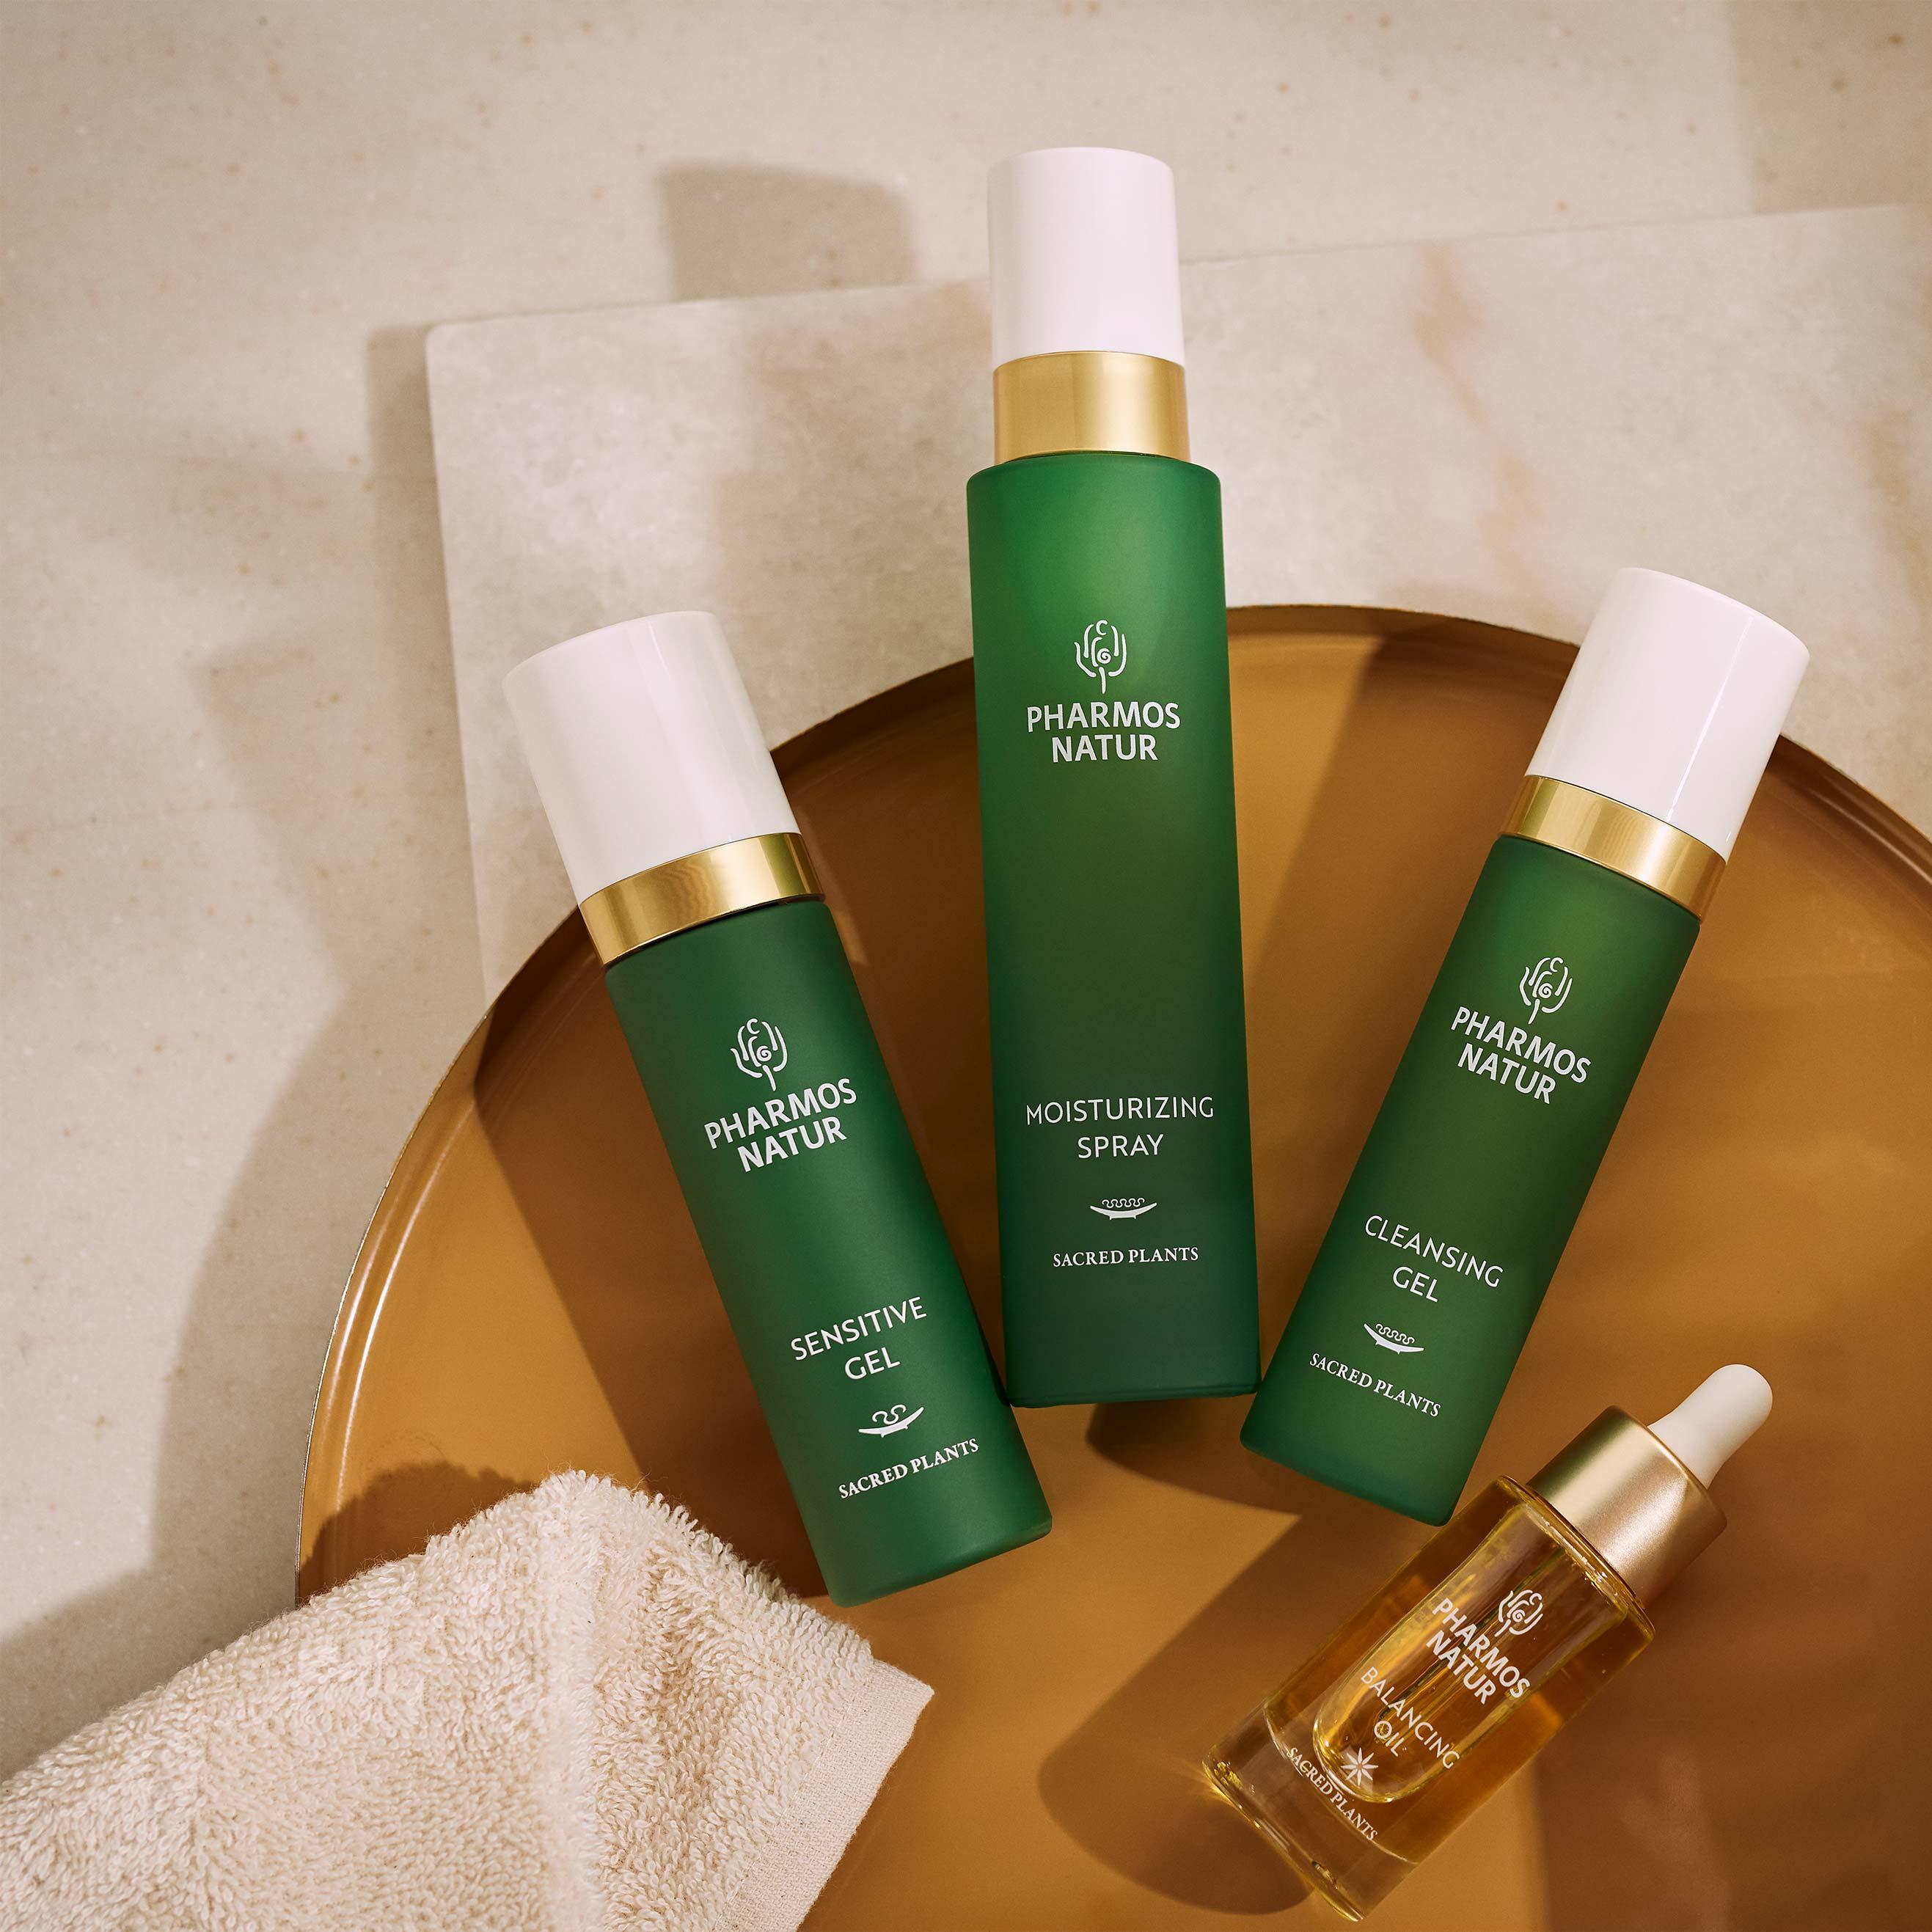 Drei grüne Produkte und Öl Serum für ölige Haut